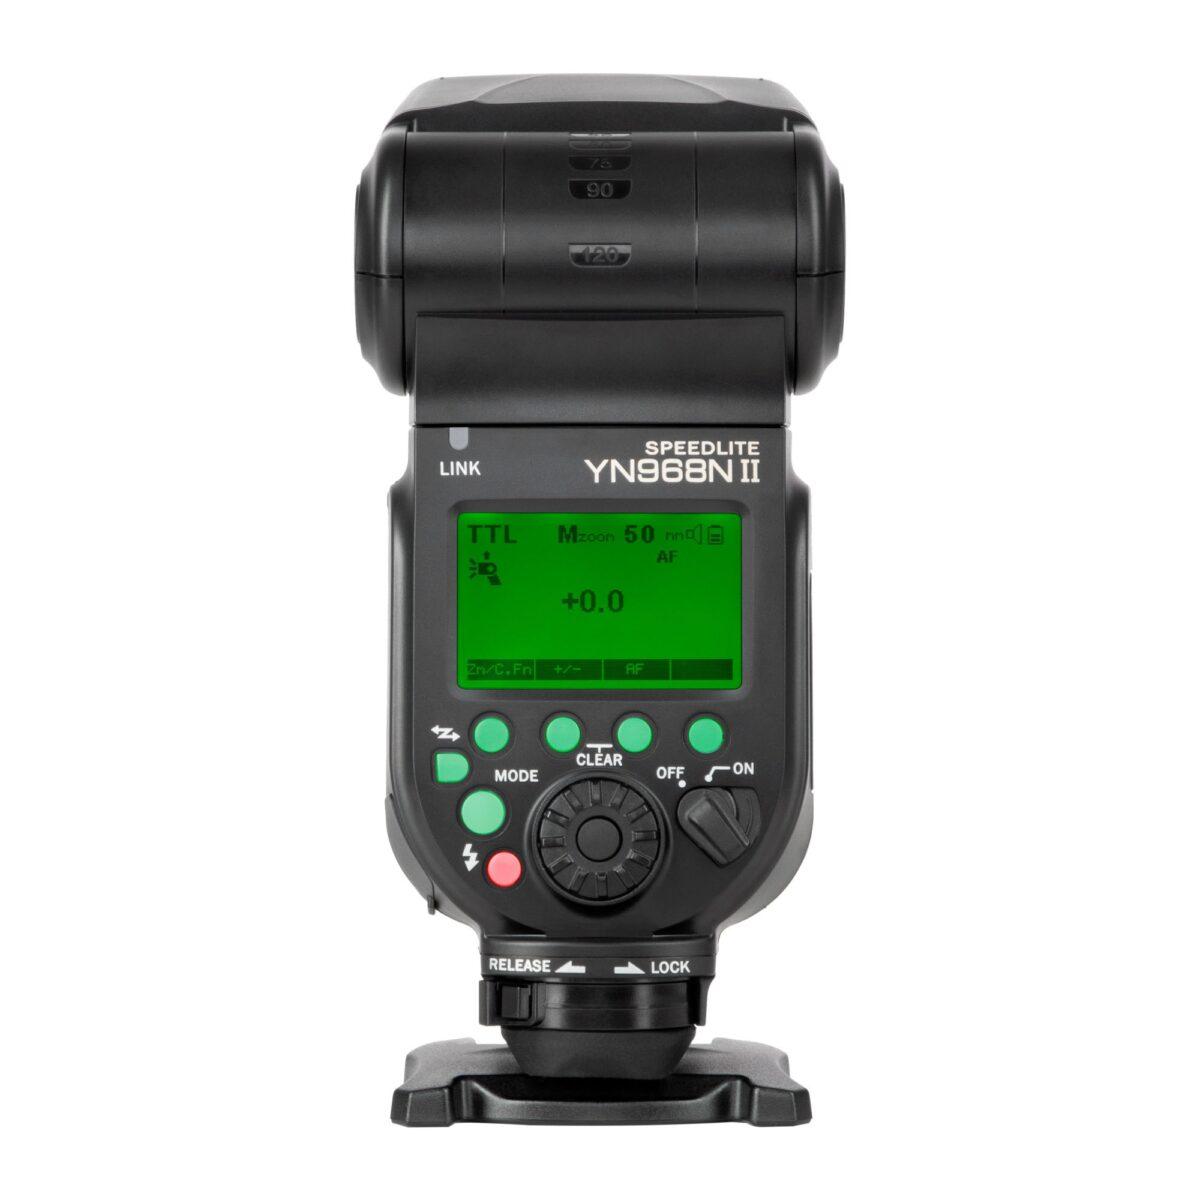 Yongnuo YN968N II TTL Speedlite for Nikon Cameras